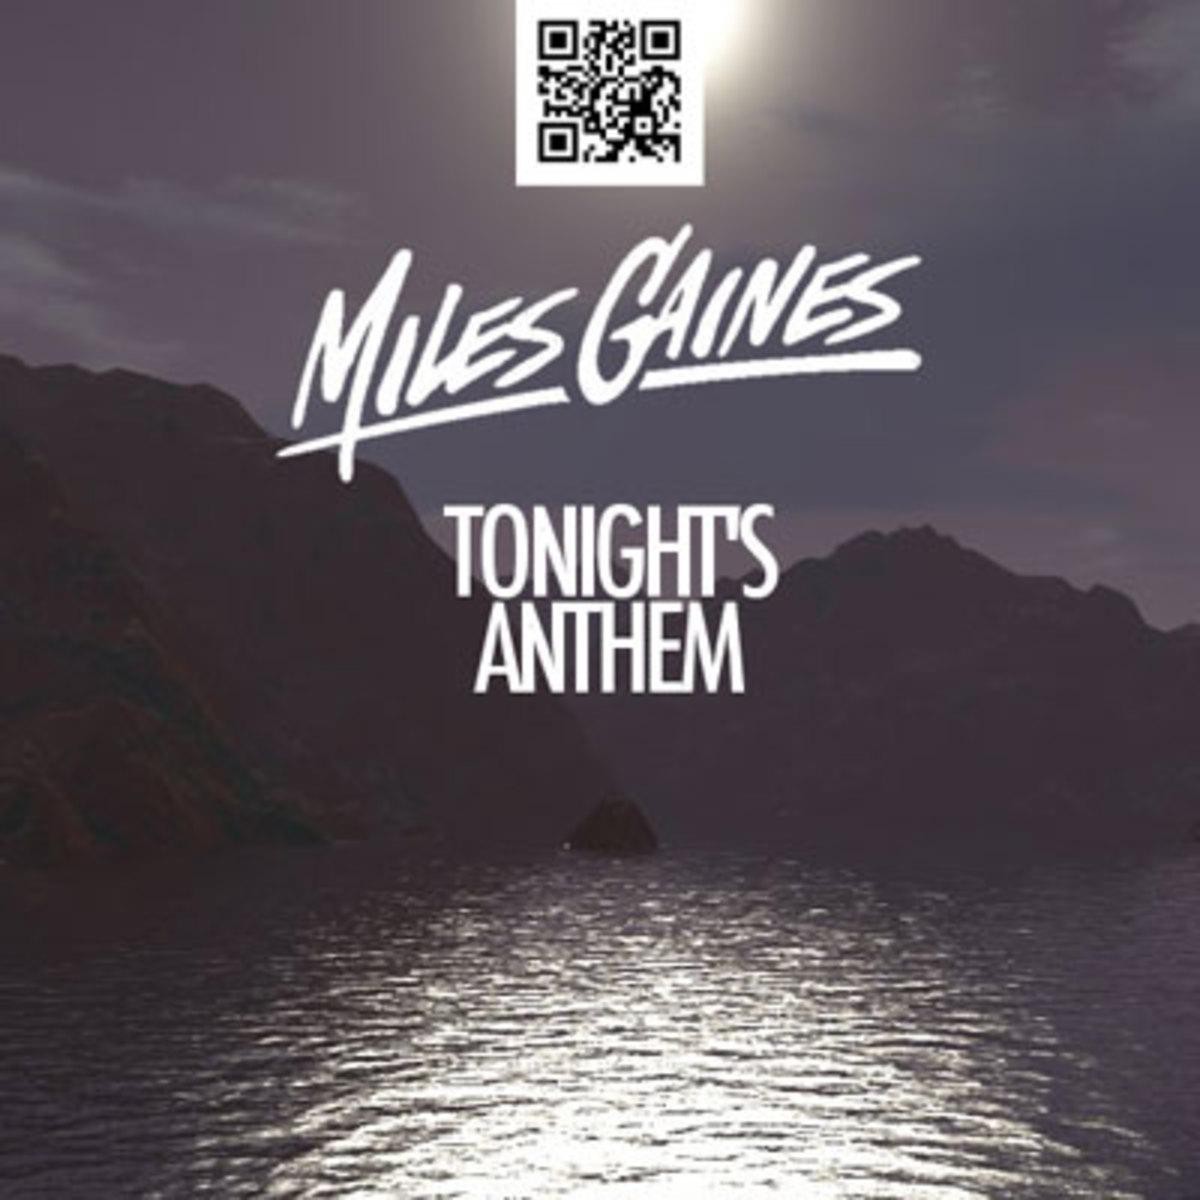 milesgaines-tonightsanthem2.jpg